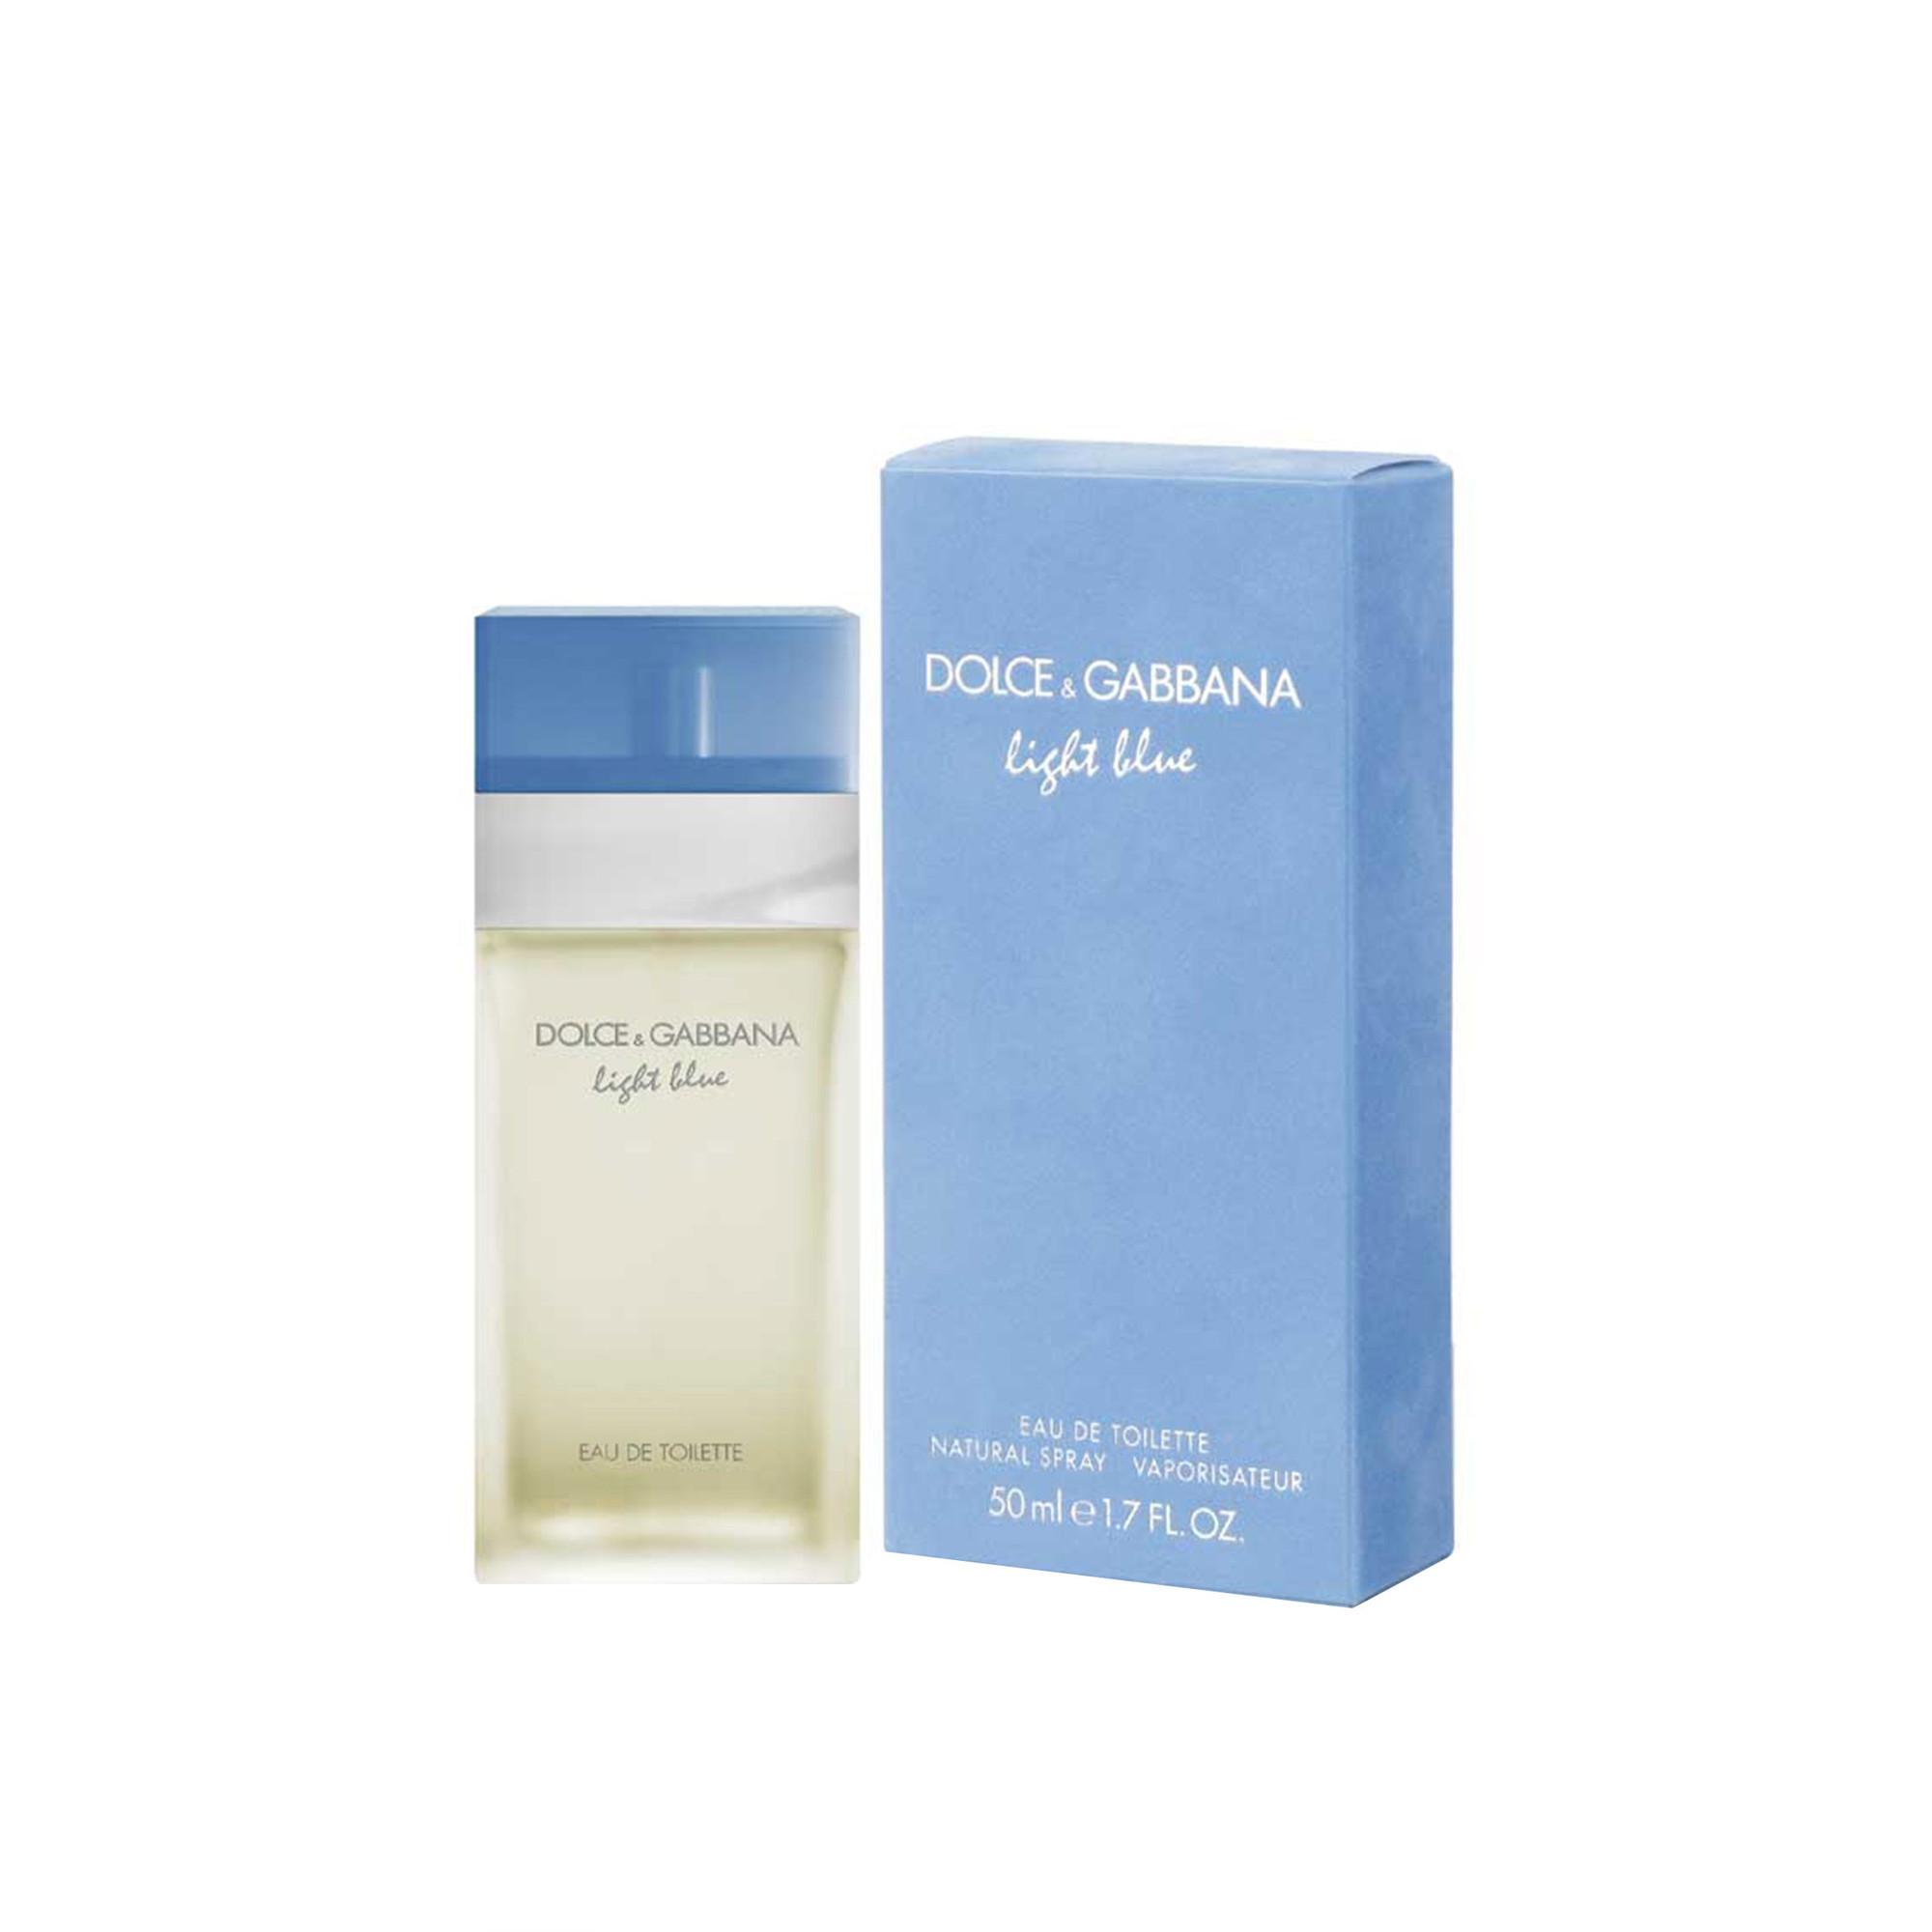 Dolce & Gabbana Light Blue - toaletní voda W Objem: 50 ml